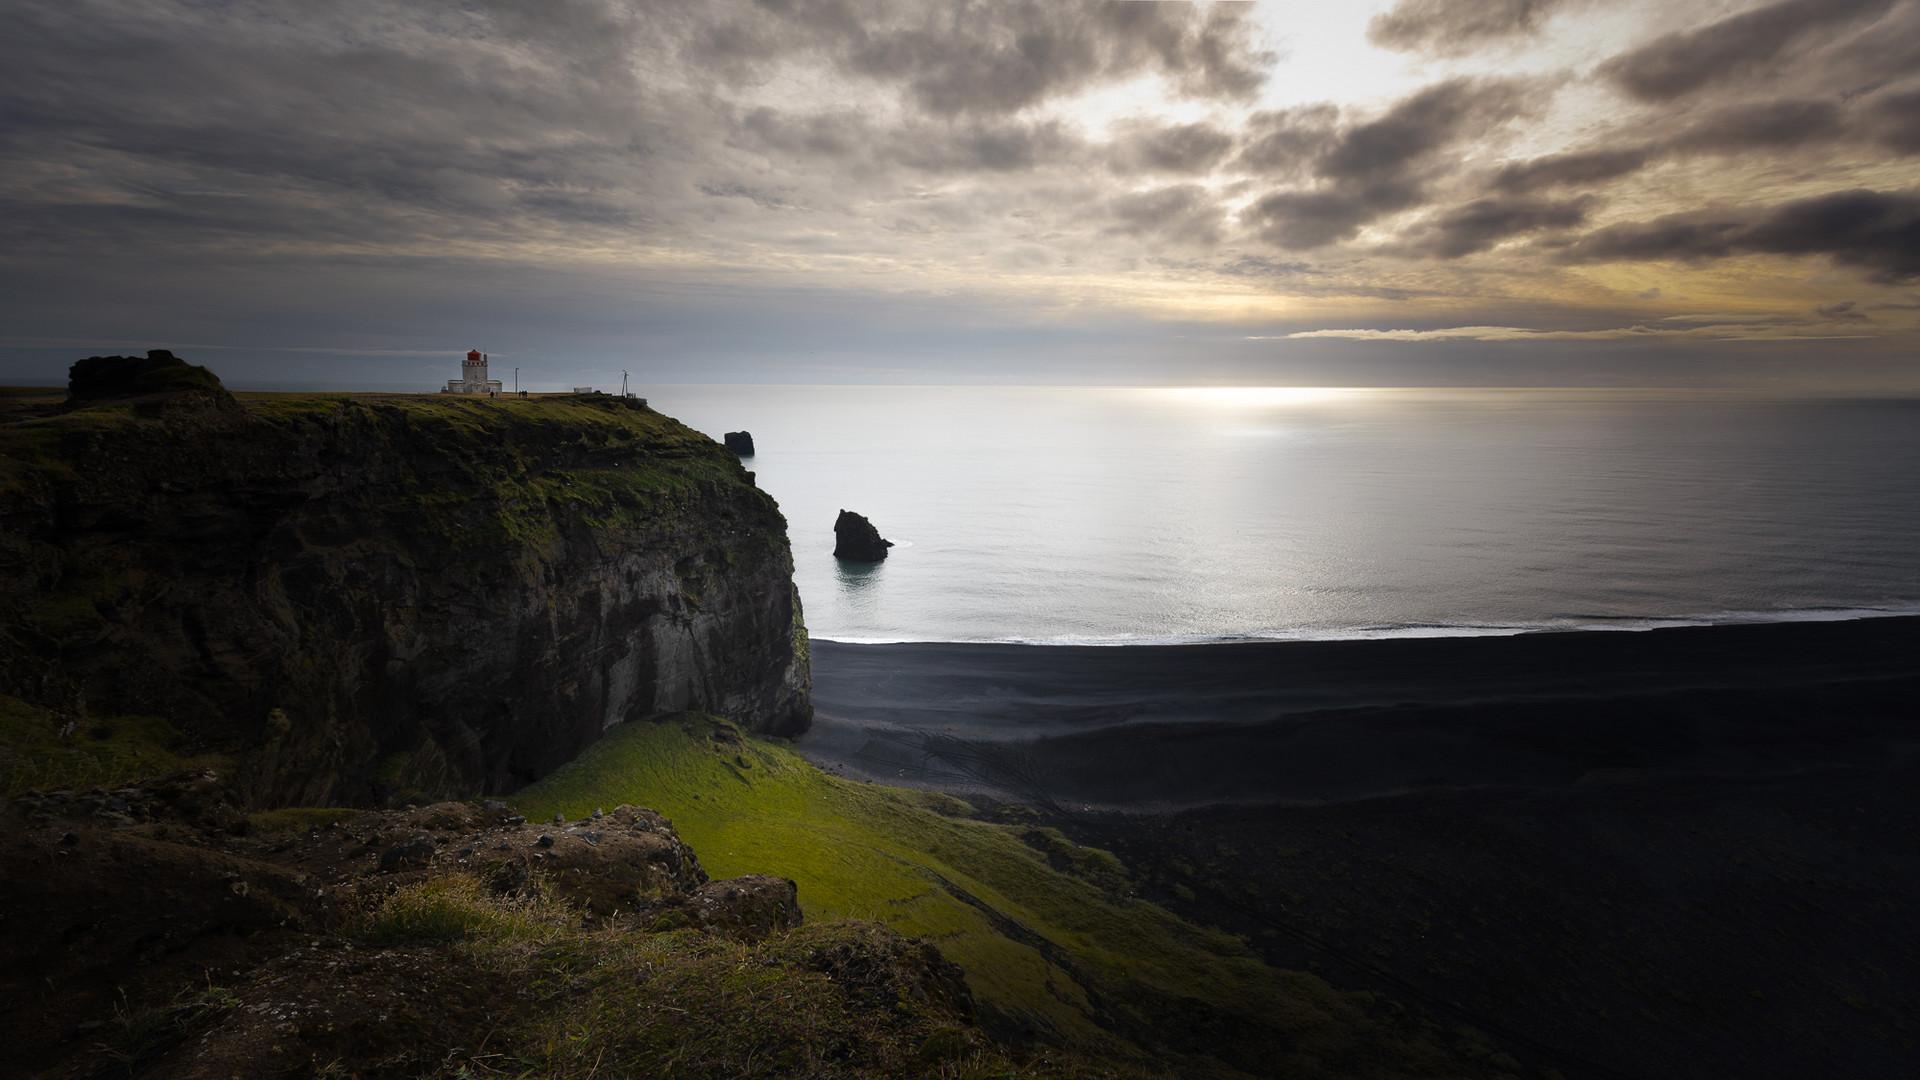 Lighthouse Kap Dyrhólaós